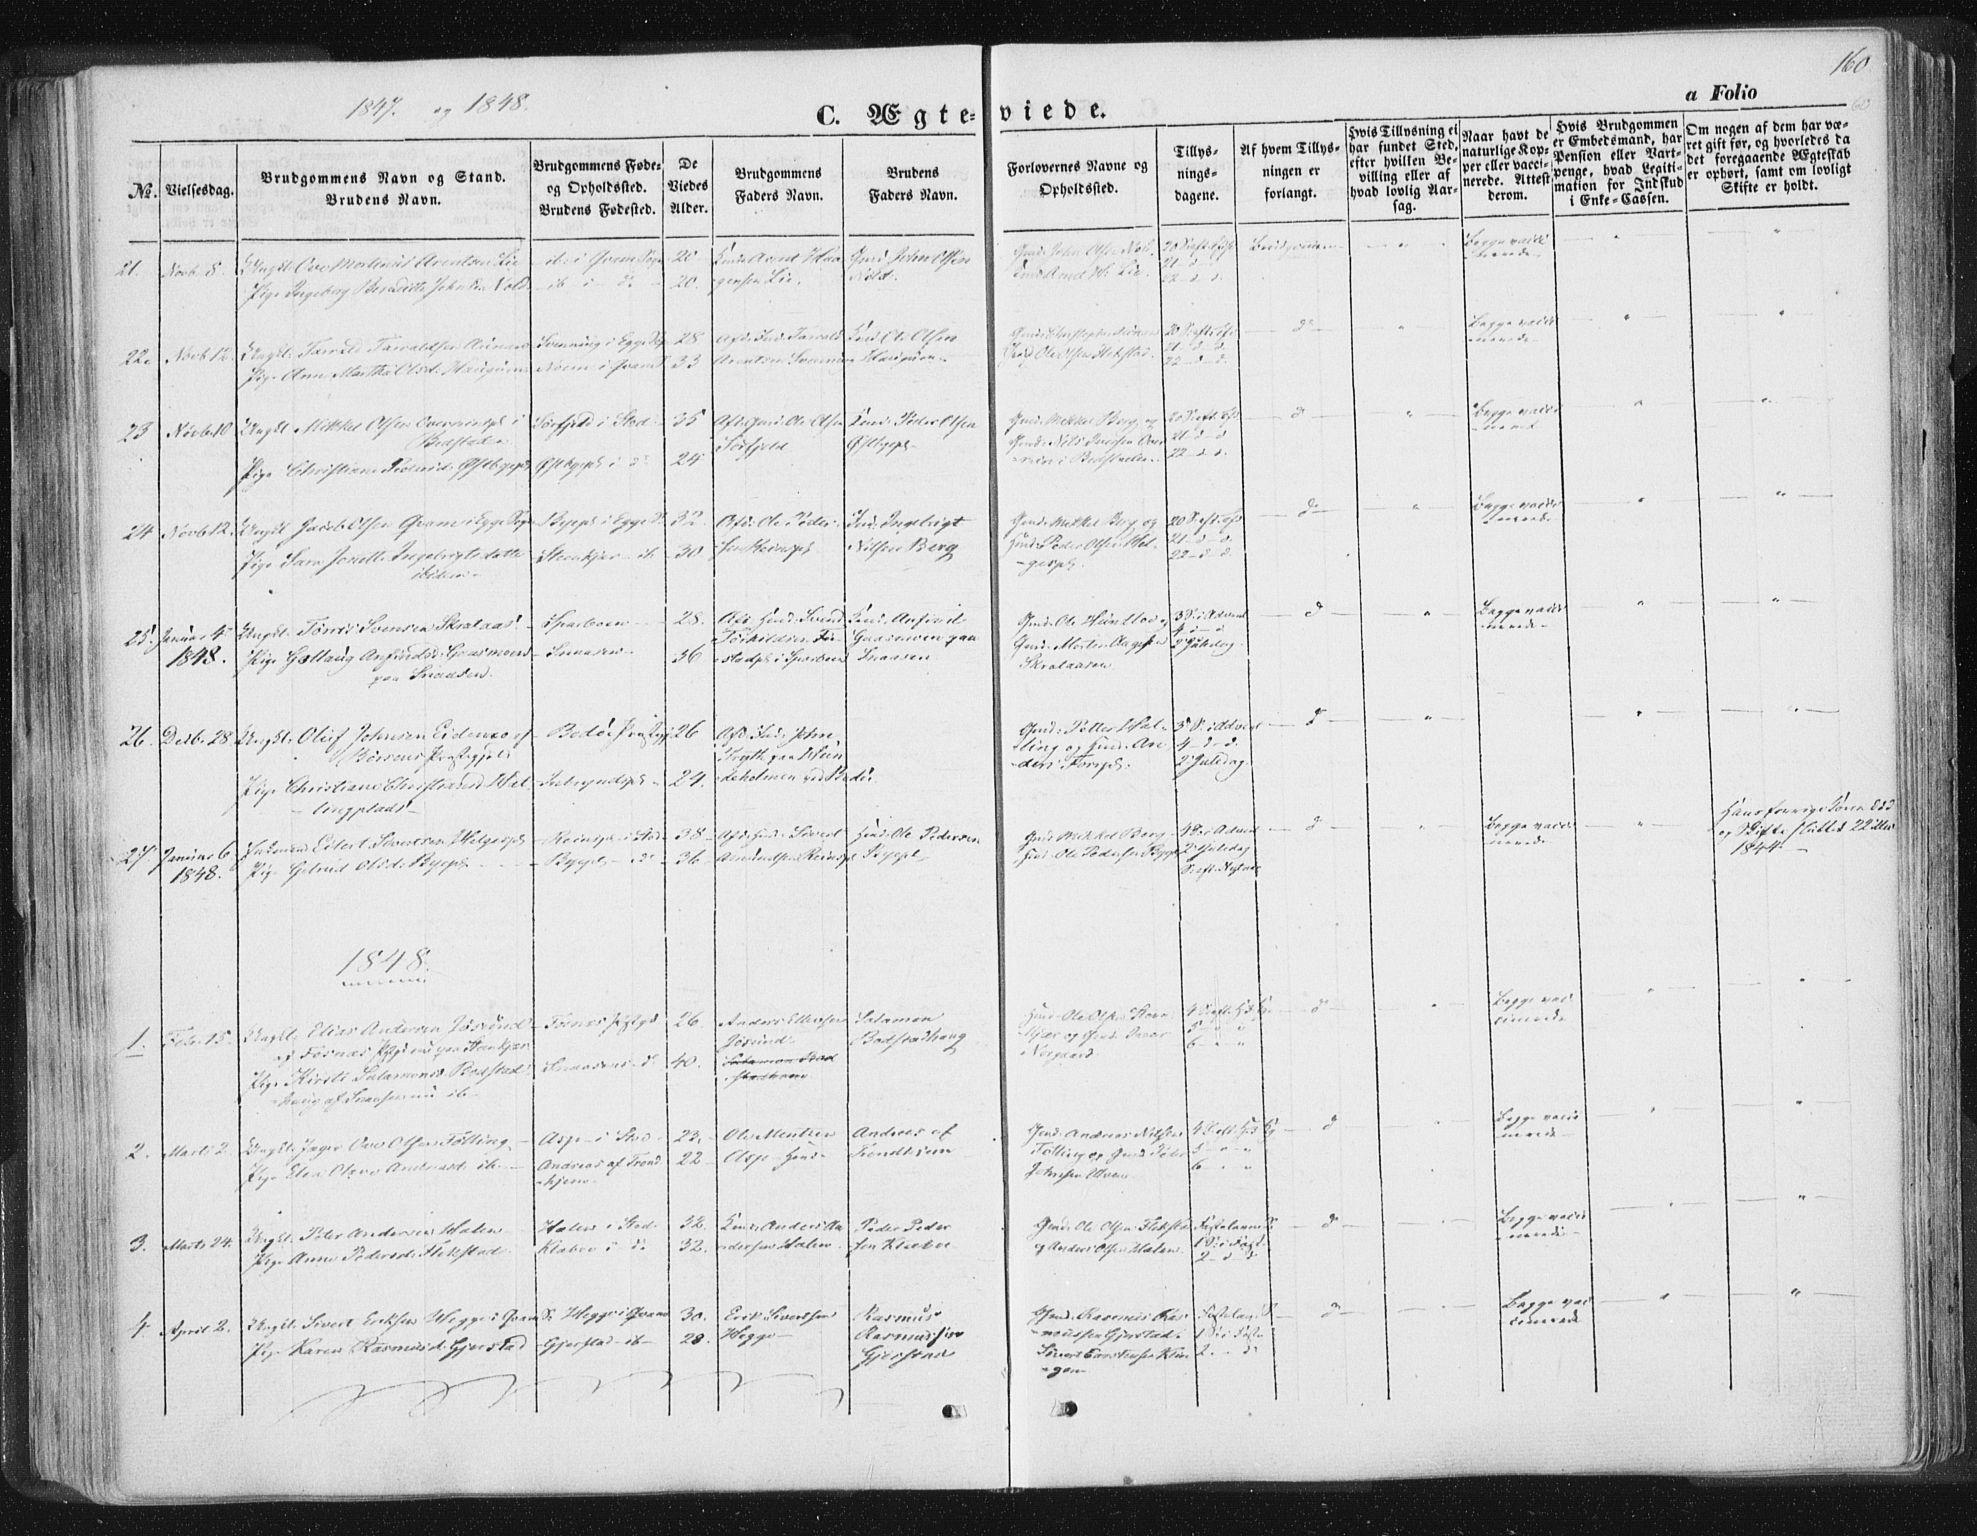 SAT, Ministerialprotokoller, klokkerbøker og fødselsregistre - Nord-Trøndelag, 746/L0446: Ministerialbok nr. 746A05, 1846-1859, s. 160